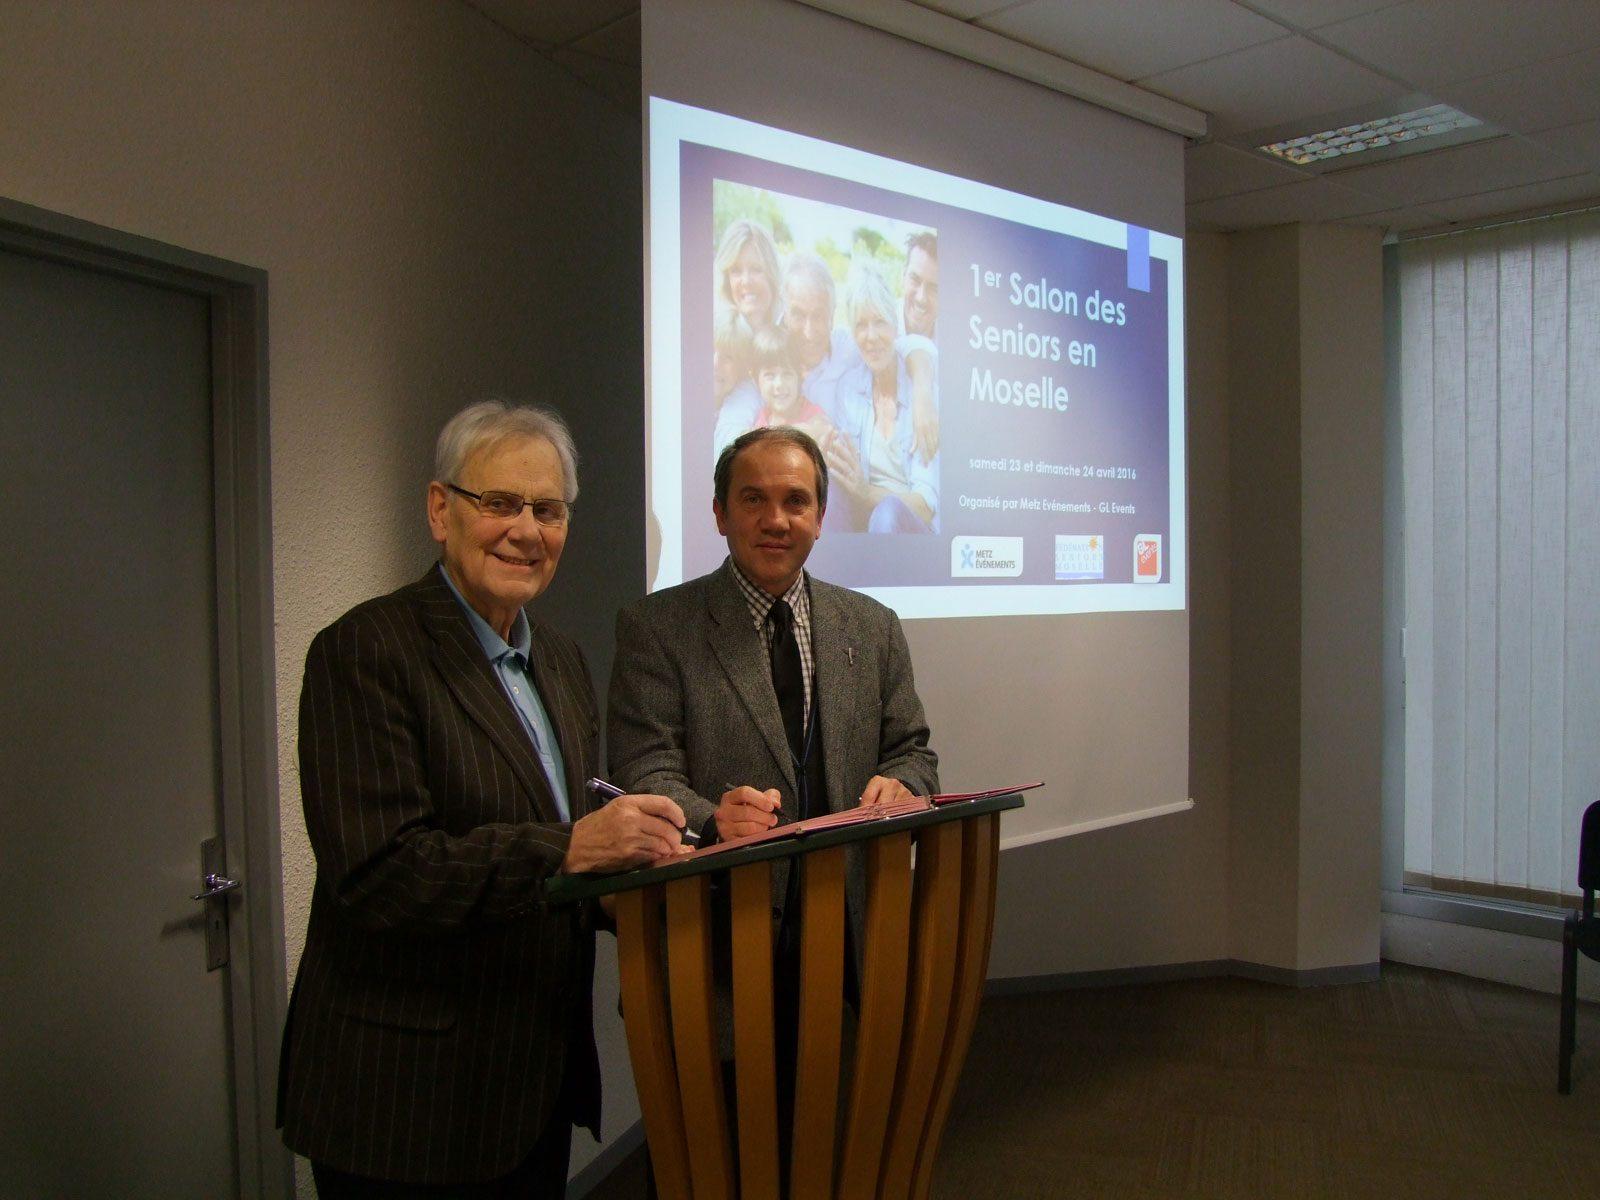 Salon des Seniors à Metz : 1ère édition